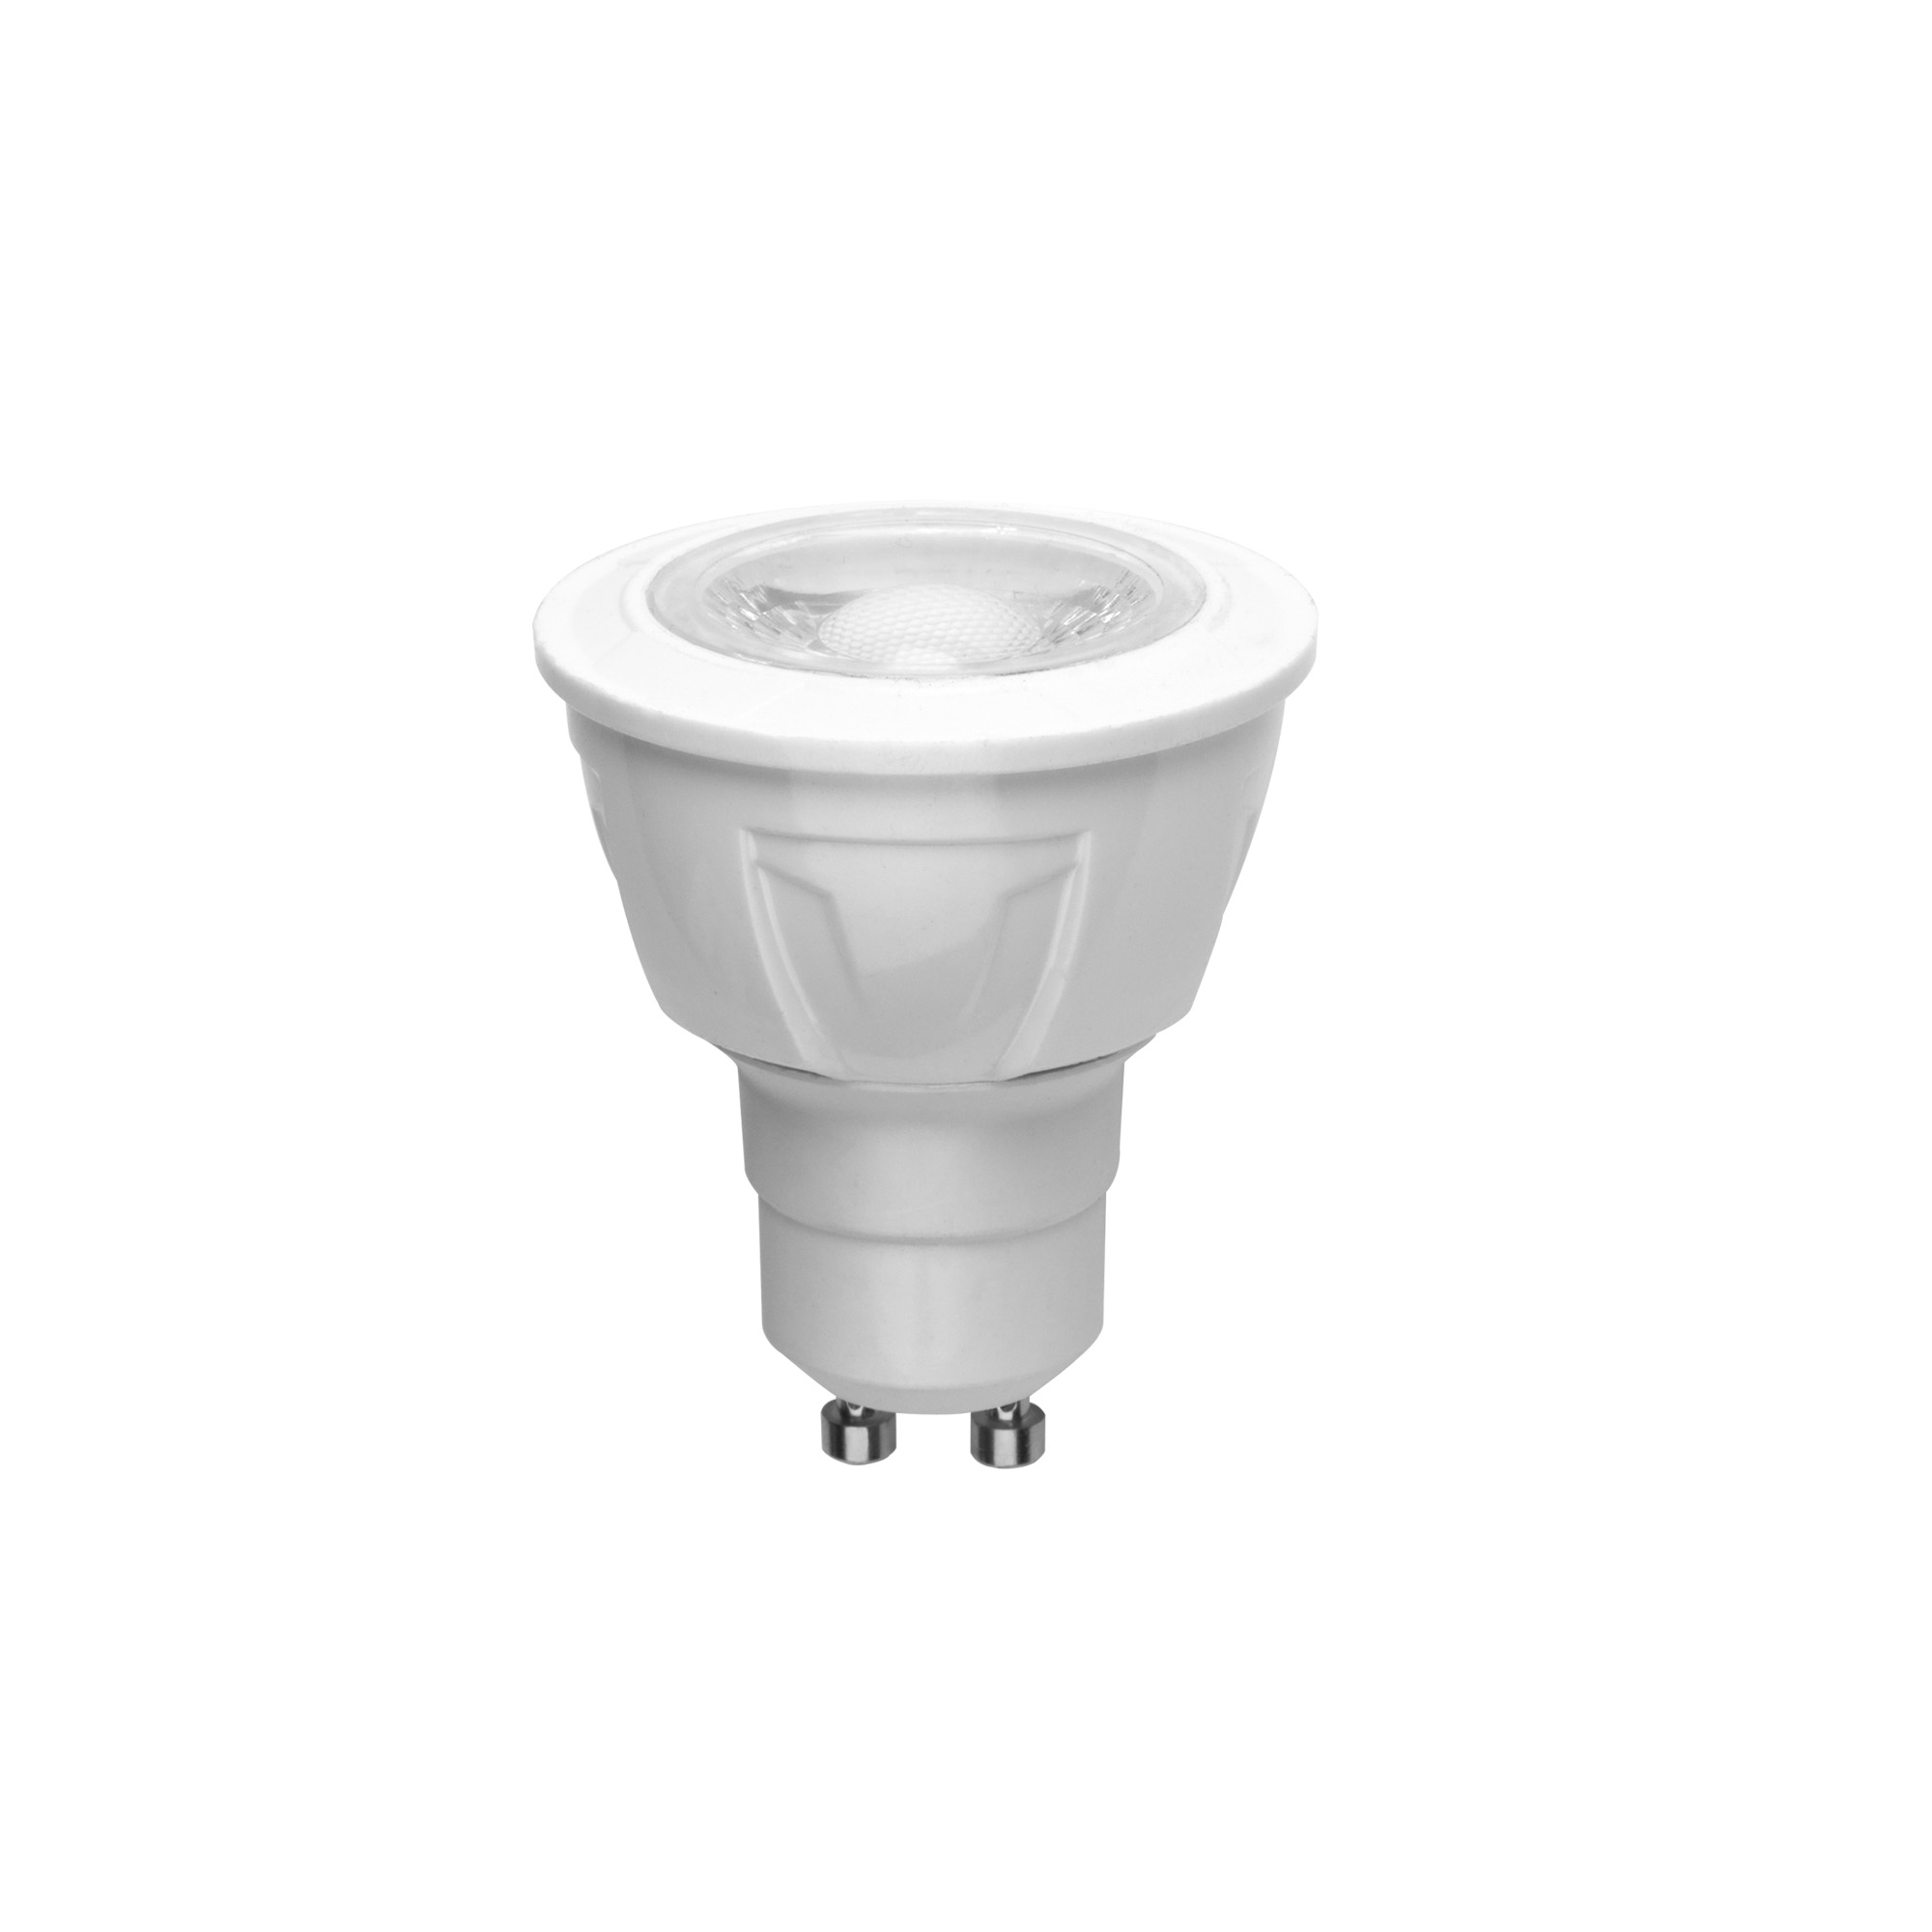 Лампа светодиодная Volpe Led-jcdr-5w/nw/gu10/s 25шт goodeck лампа светодиодная goodeck рефлекторная матовая gu10 5 5w 4100k gl1007024206